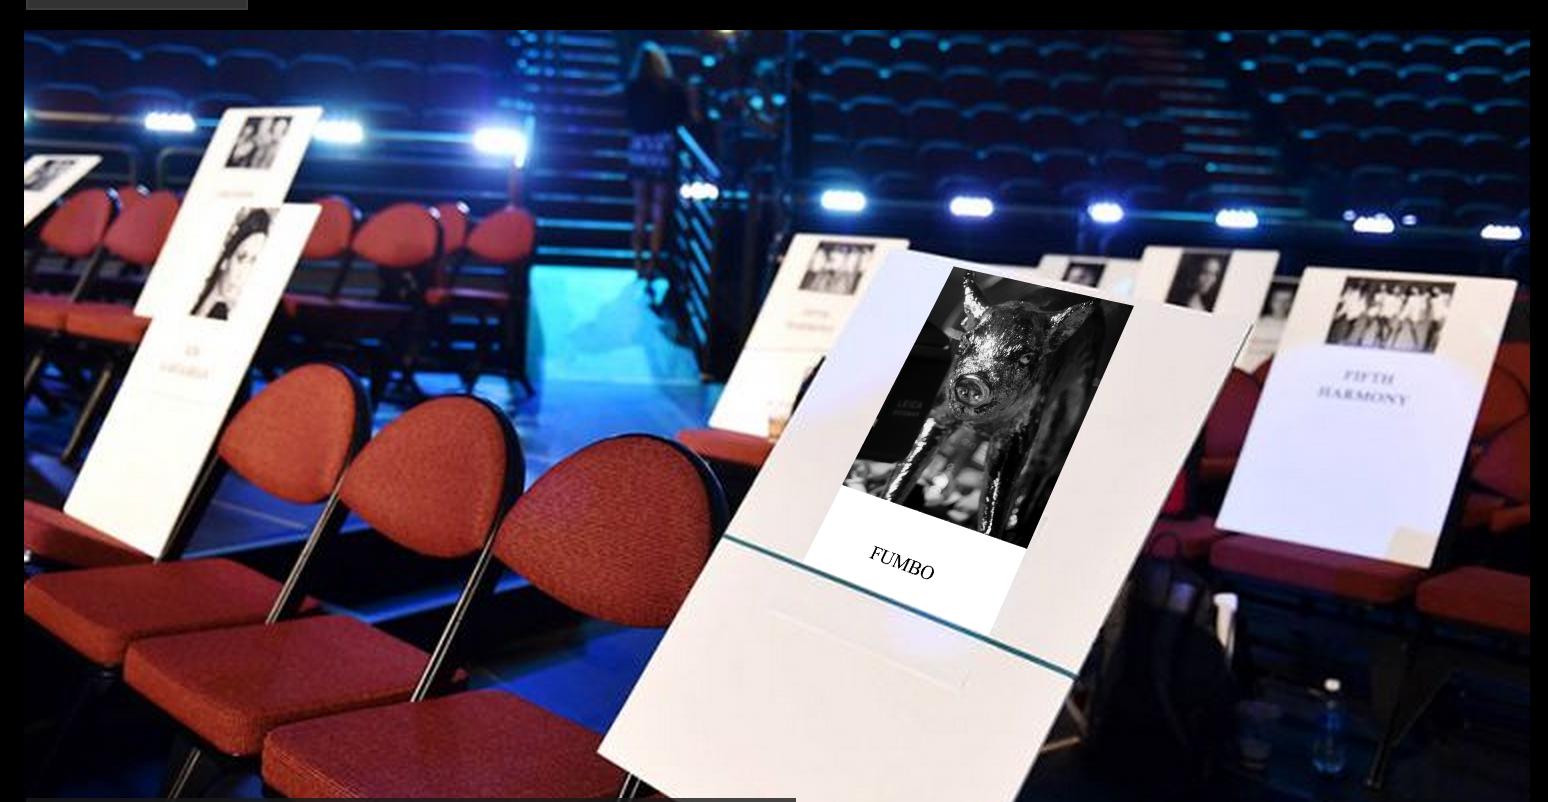 FUMBO VMA seatcard